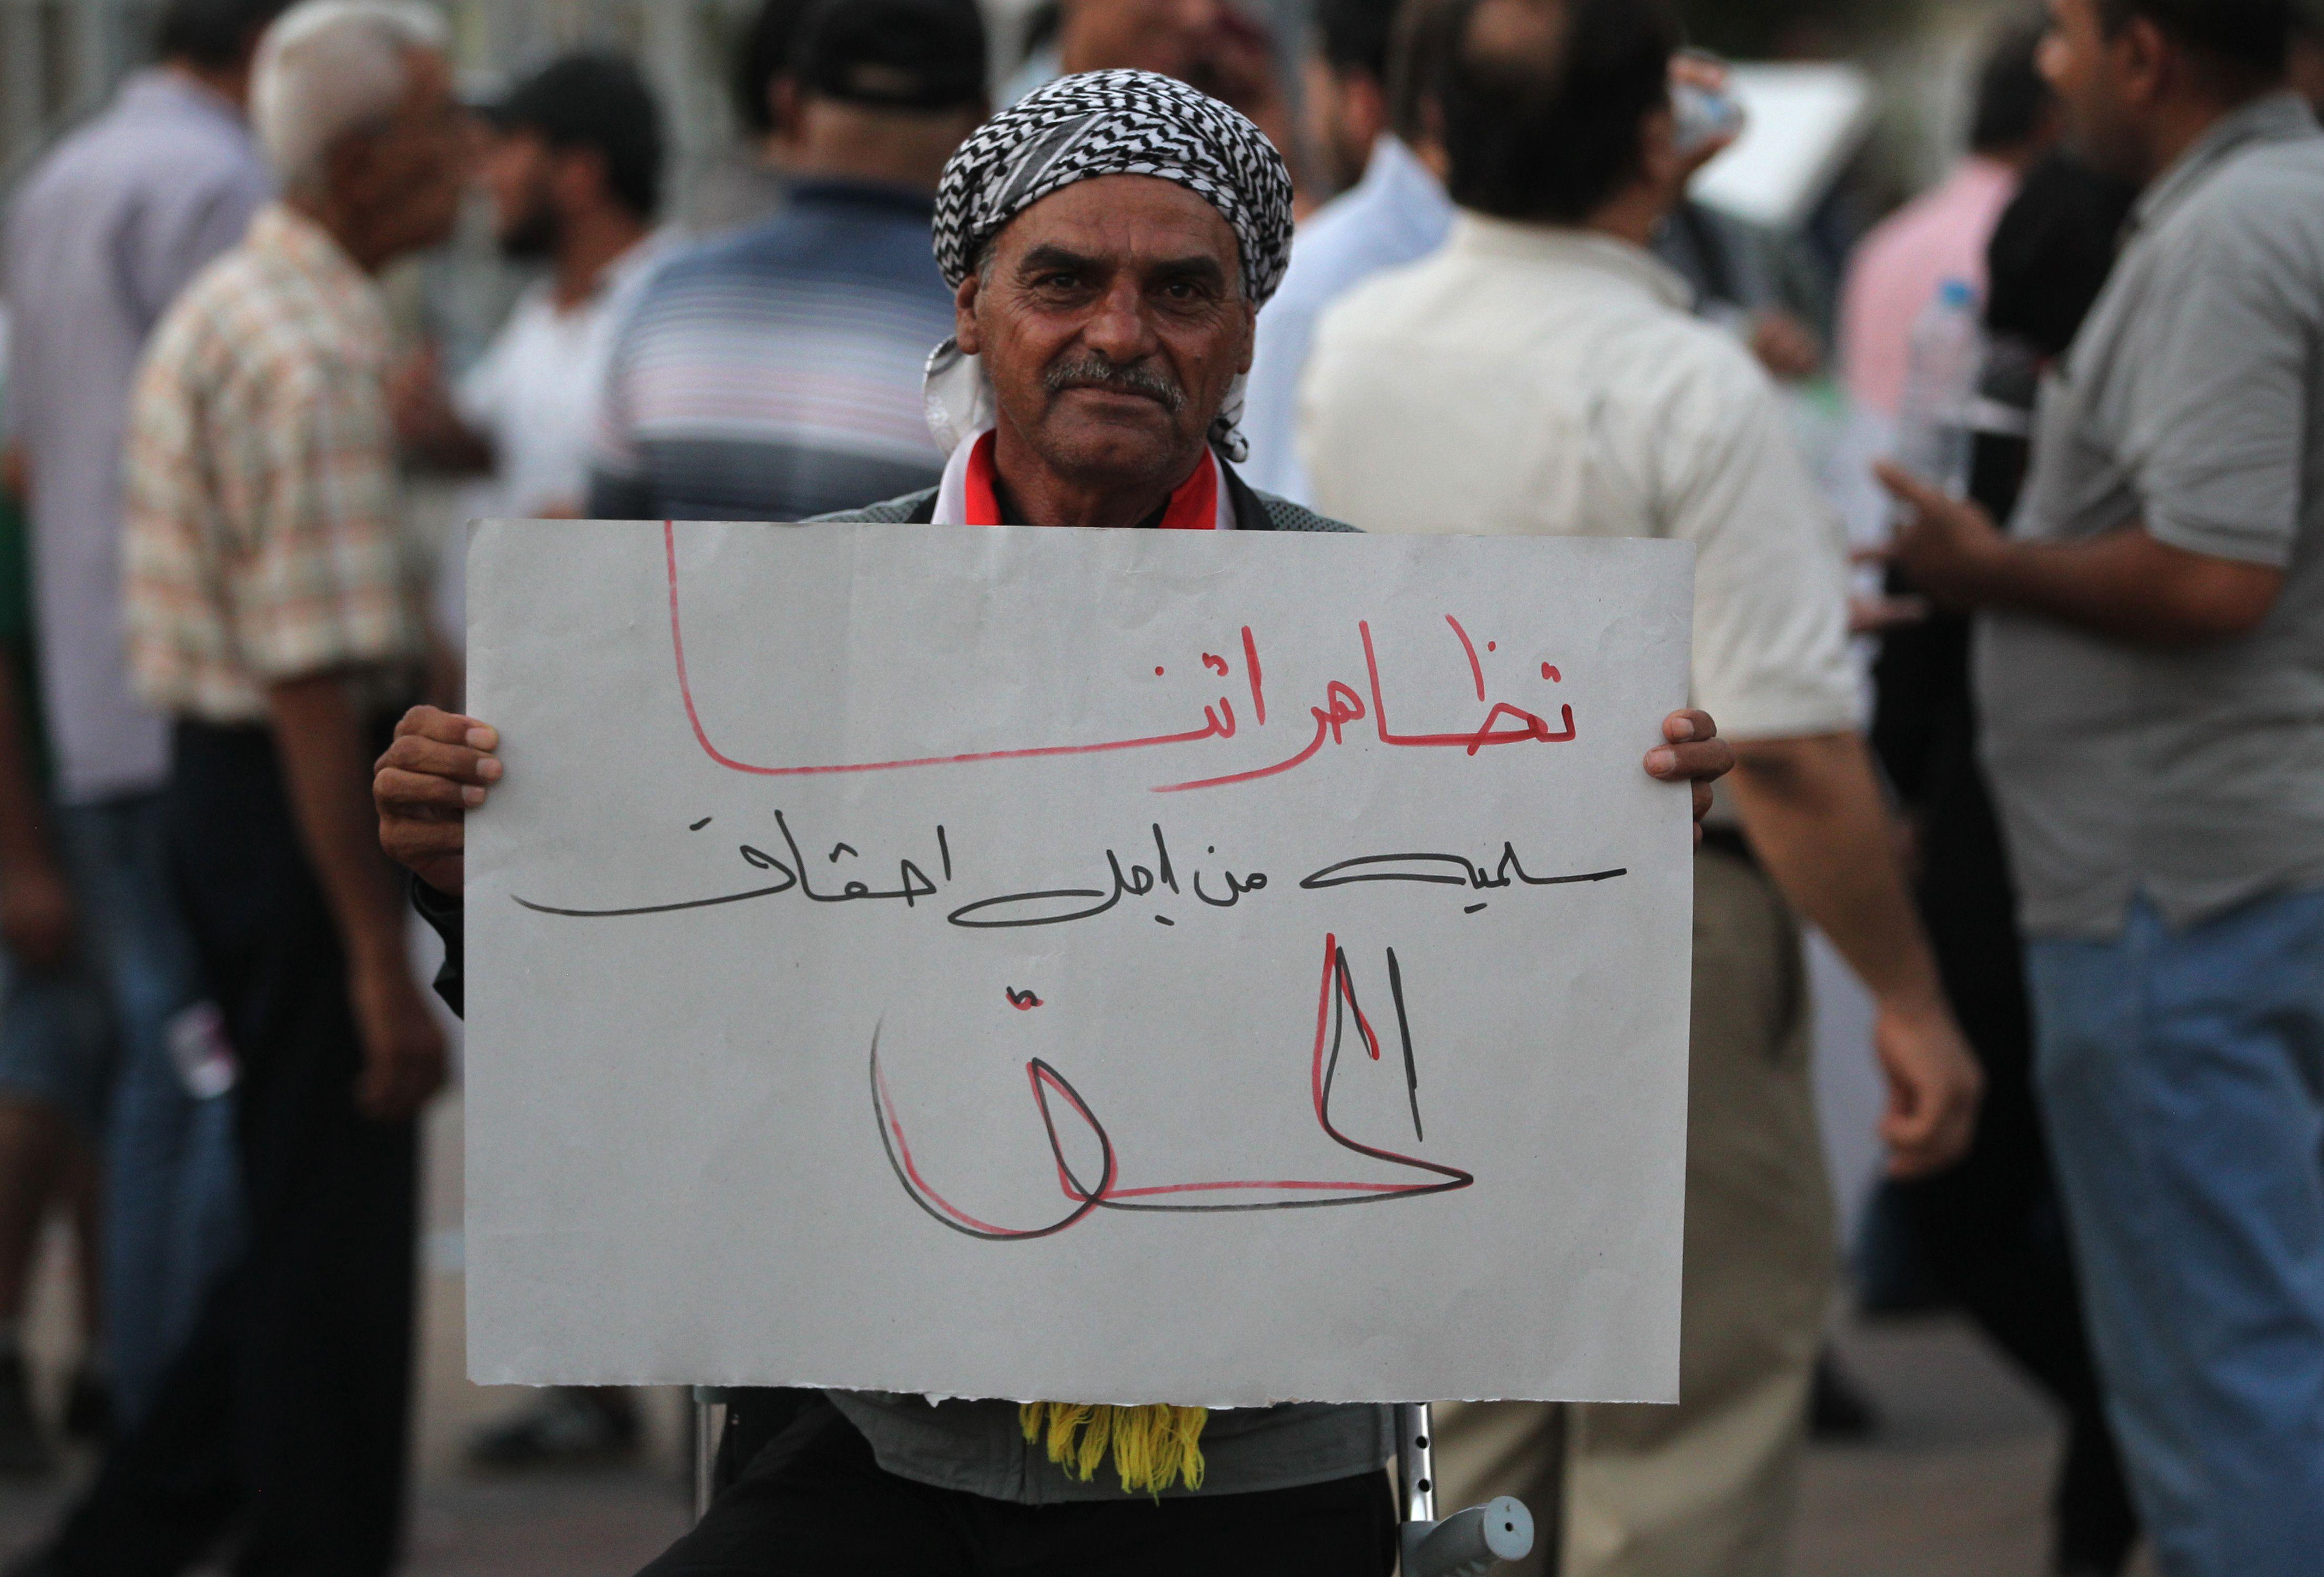 متظاهر يحمل لافتة